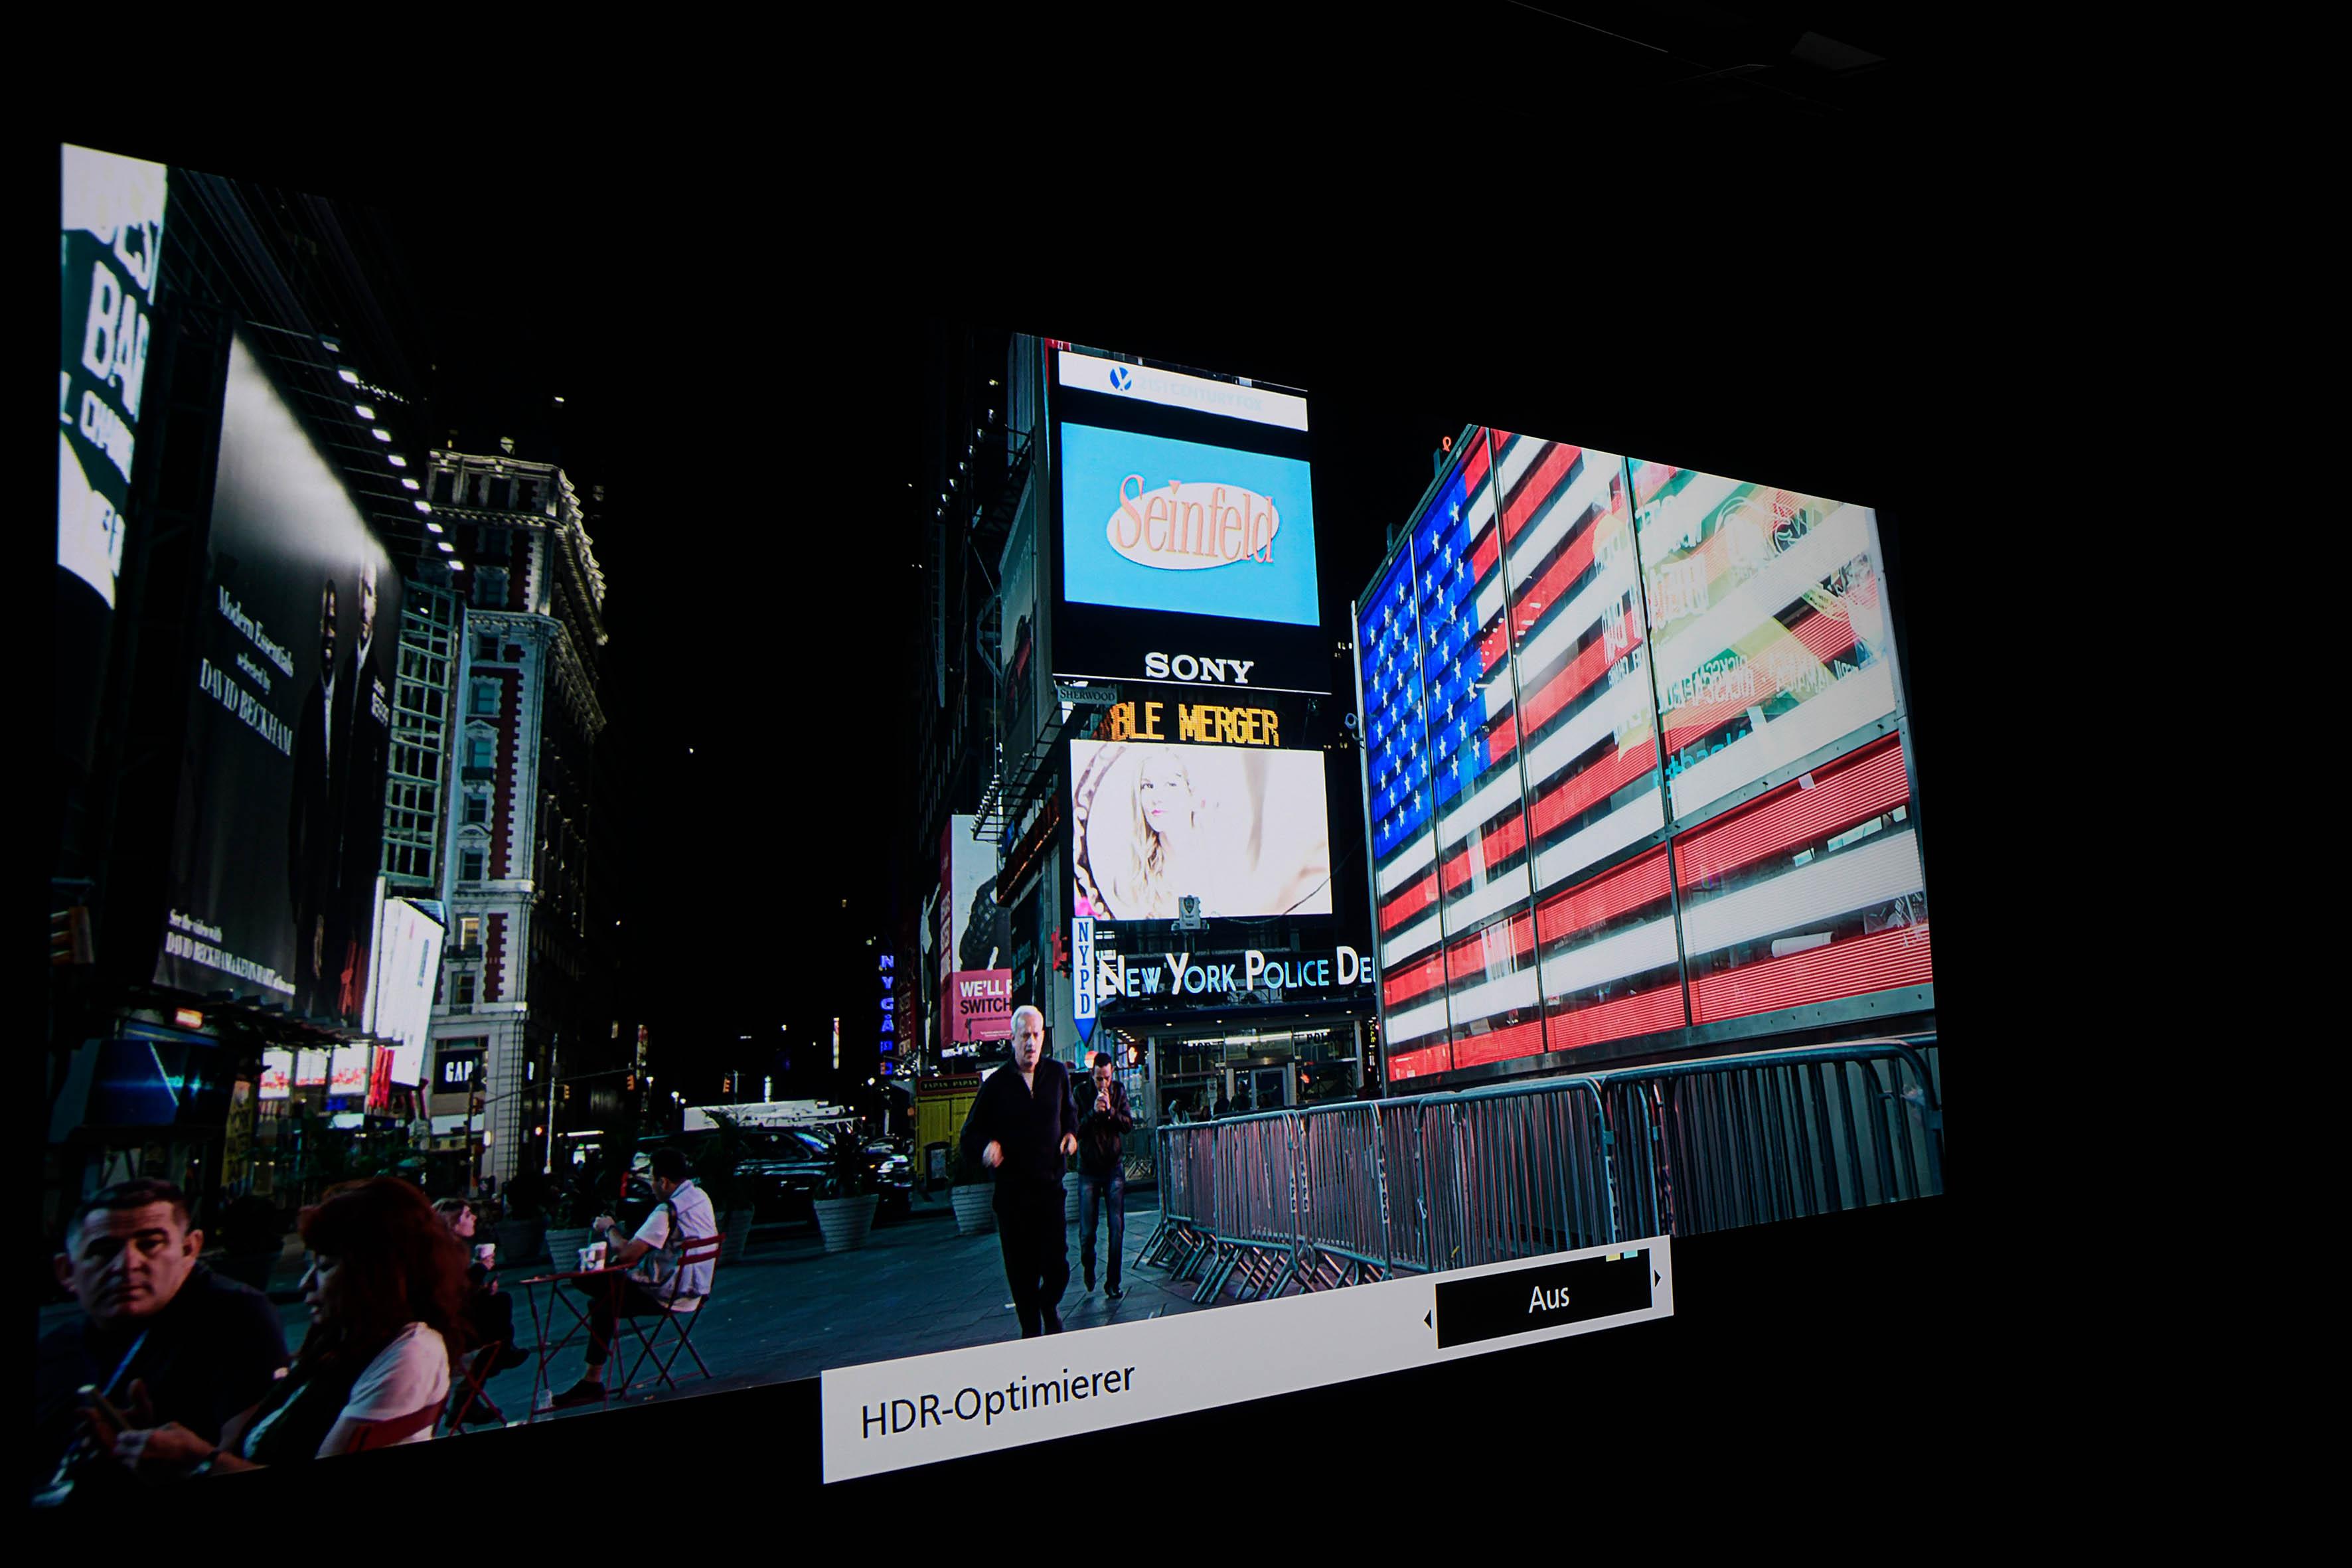 HDR – SULLY ohne HDR Optimierer Als Sully nach der Landung seiner Passagiermaschine durch das nächtliche New York joggt, sind auf verschiedenen Displays zahlreiche Dinge abgebildet. Die HDR-Version zeigt diese allesamt auf. Rechts ist die US-Flagge farbenfroh zu sehen, wenn das Clipping bei 600 Nits liegt. Selbst die Frau auf dem Display hinter Sully ist noch teilweise zu sehen.